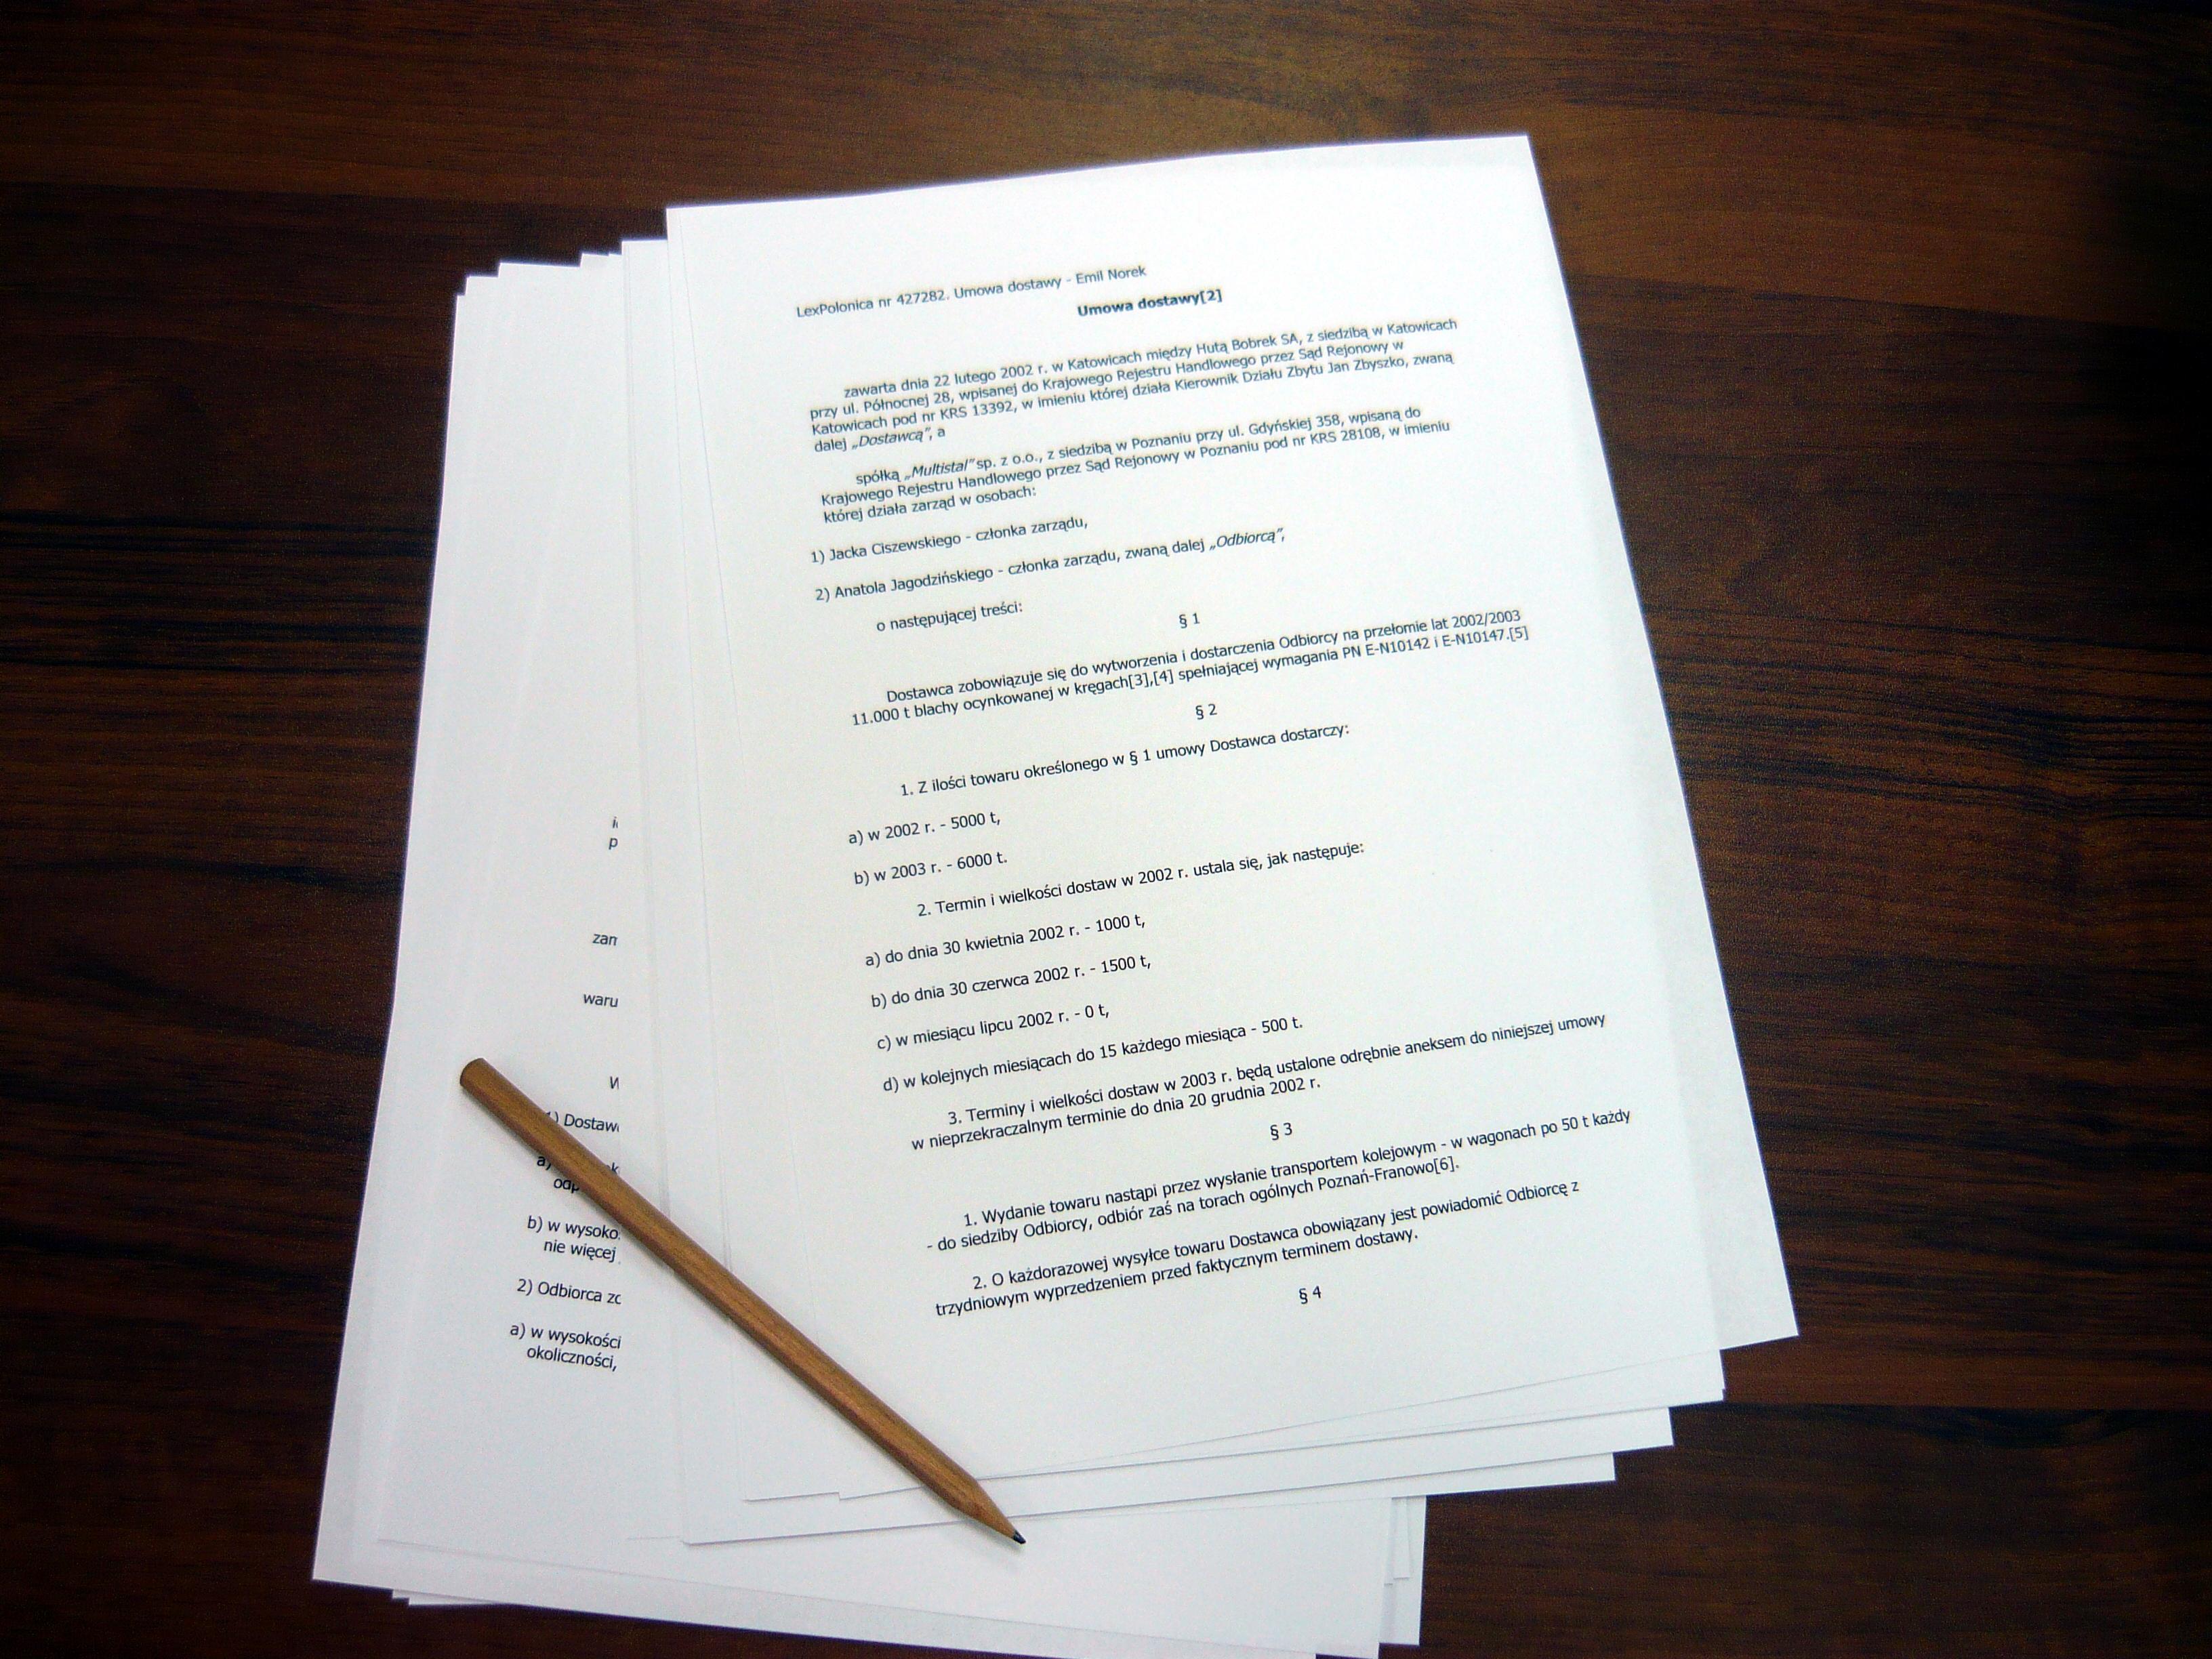 co musisz wiedzieć o zawieraniu umów?